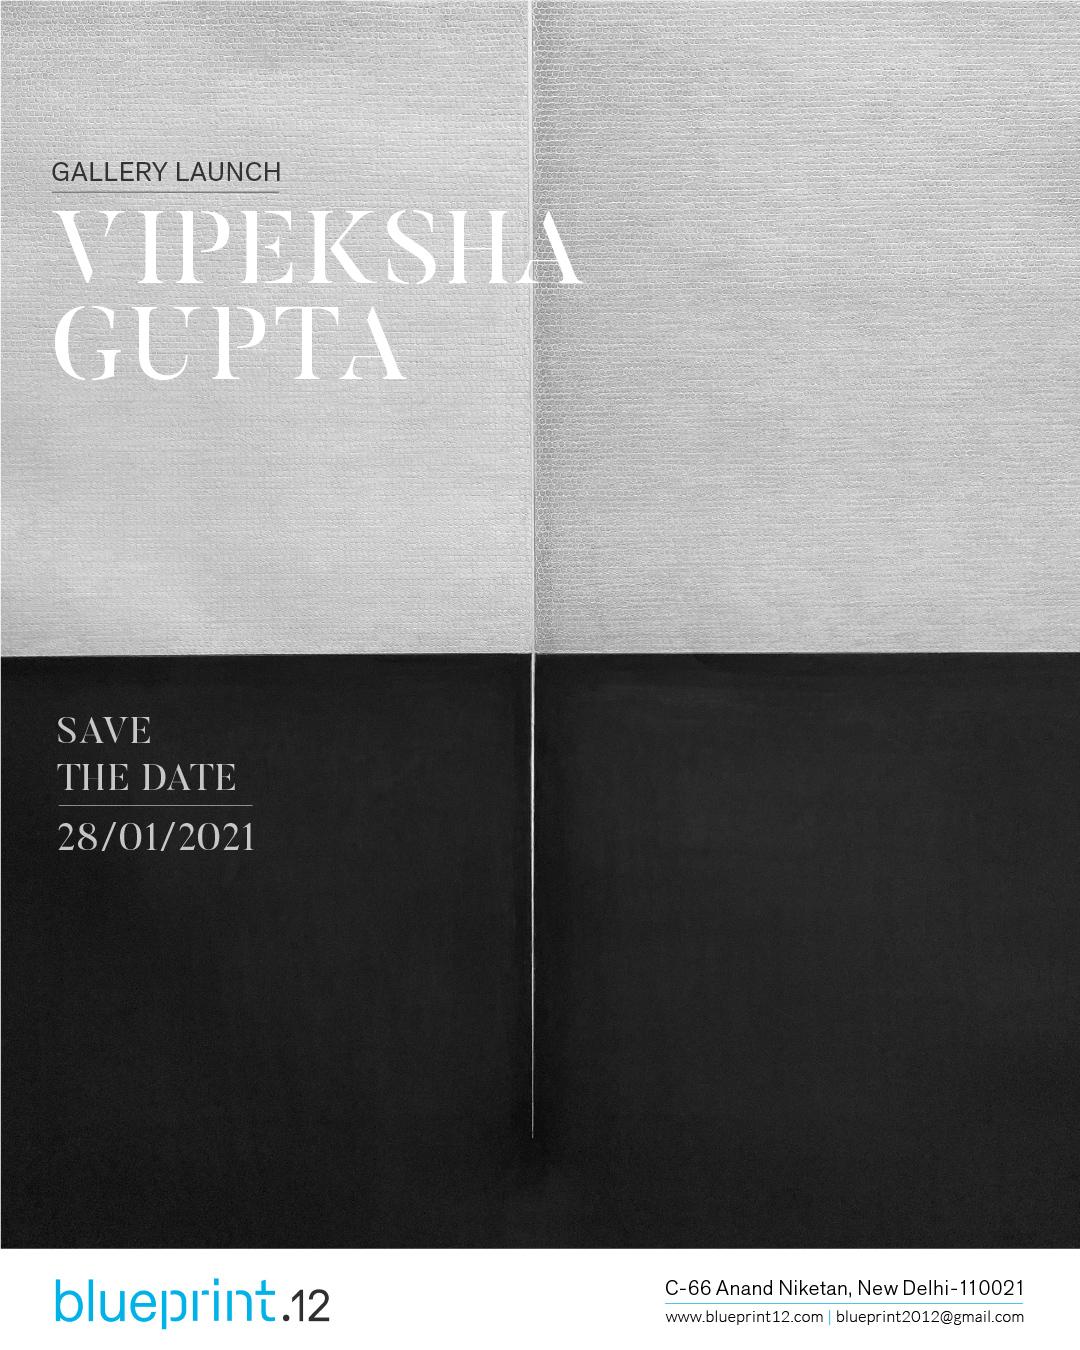 Solo Exhibition of graphite drawings by Vipeksha Gupta